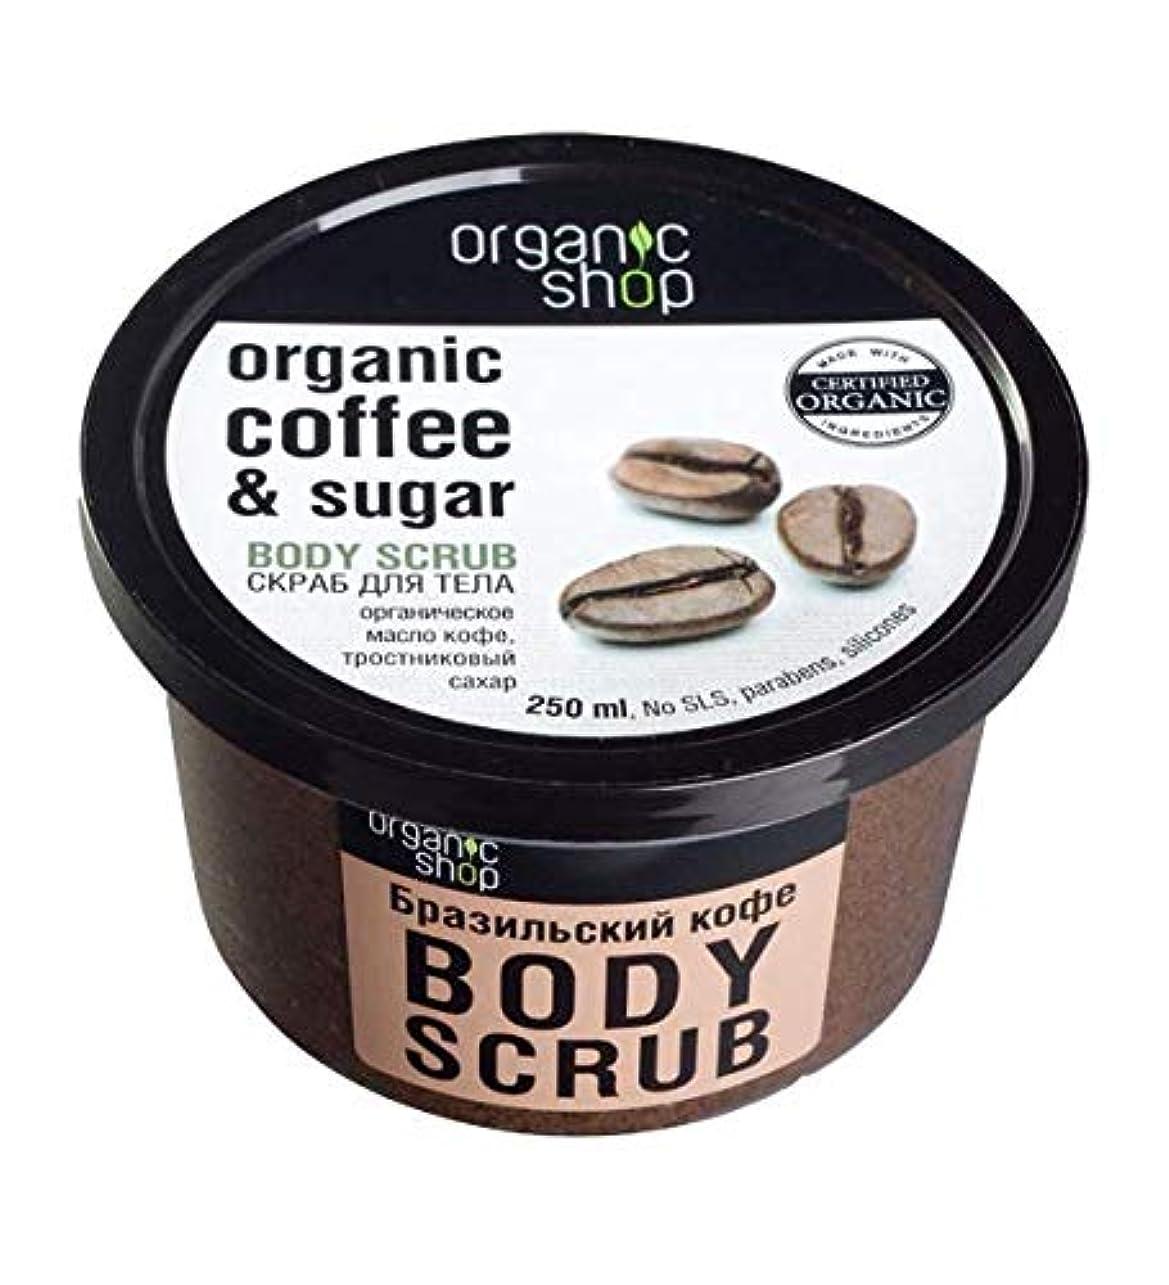 悲しいことに望み不名誉【話題沸騰中】ロシア産 ORGANIC SHOP オーガニック ショップ ボディスクラブ coffee&sugar 250ml 「ブラジルコーヒー」